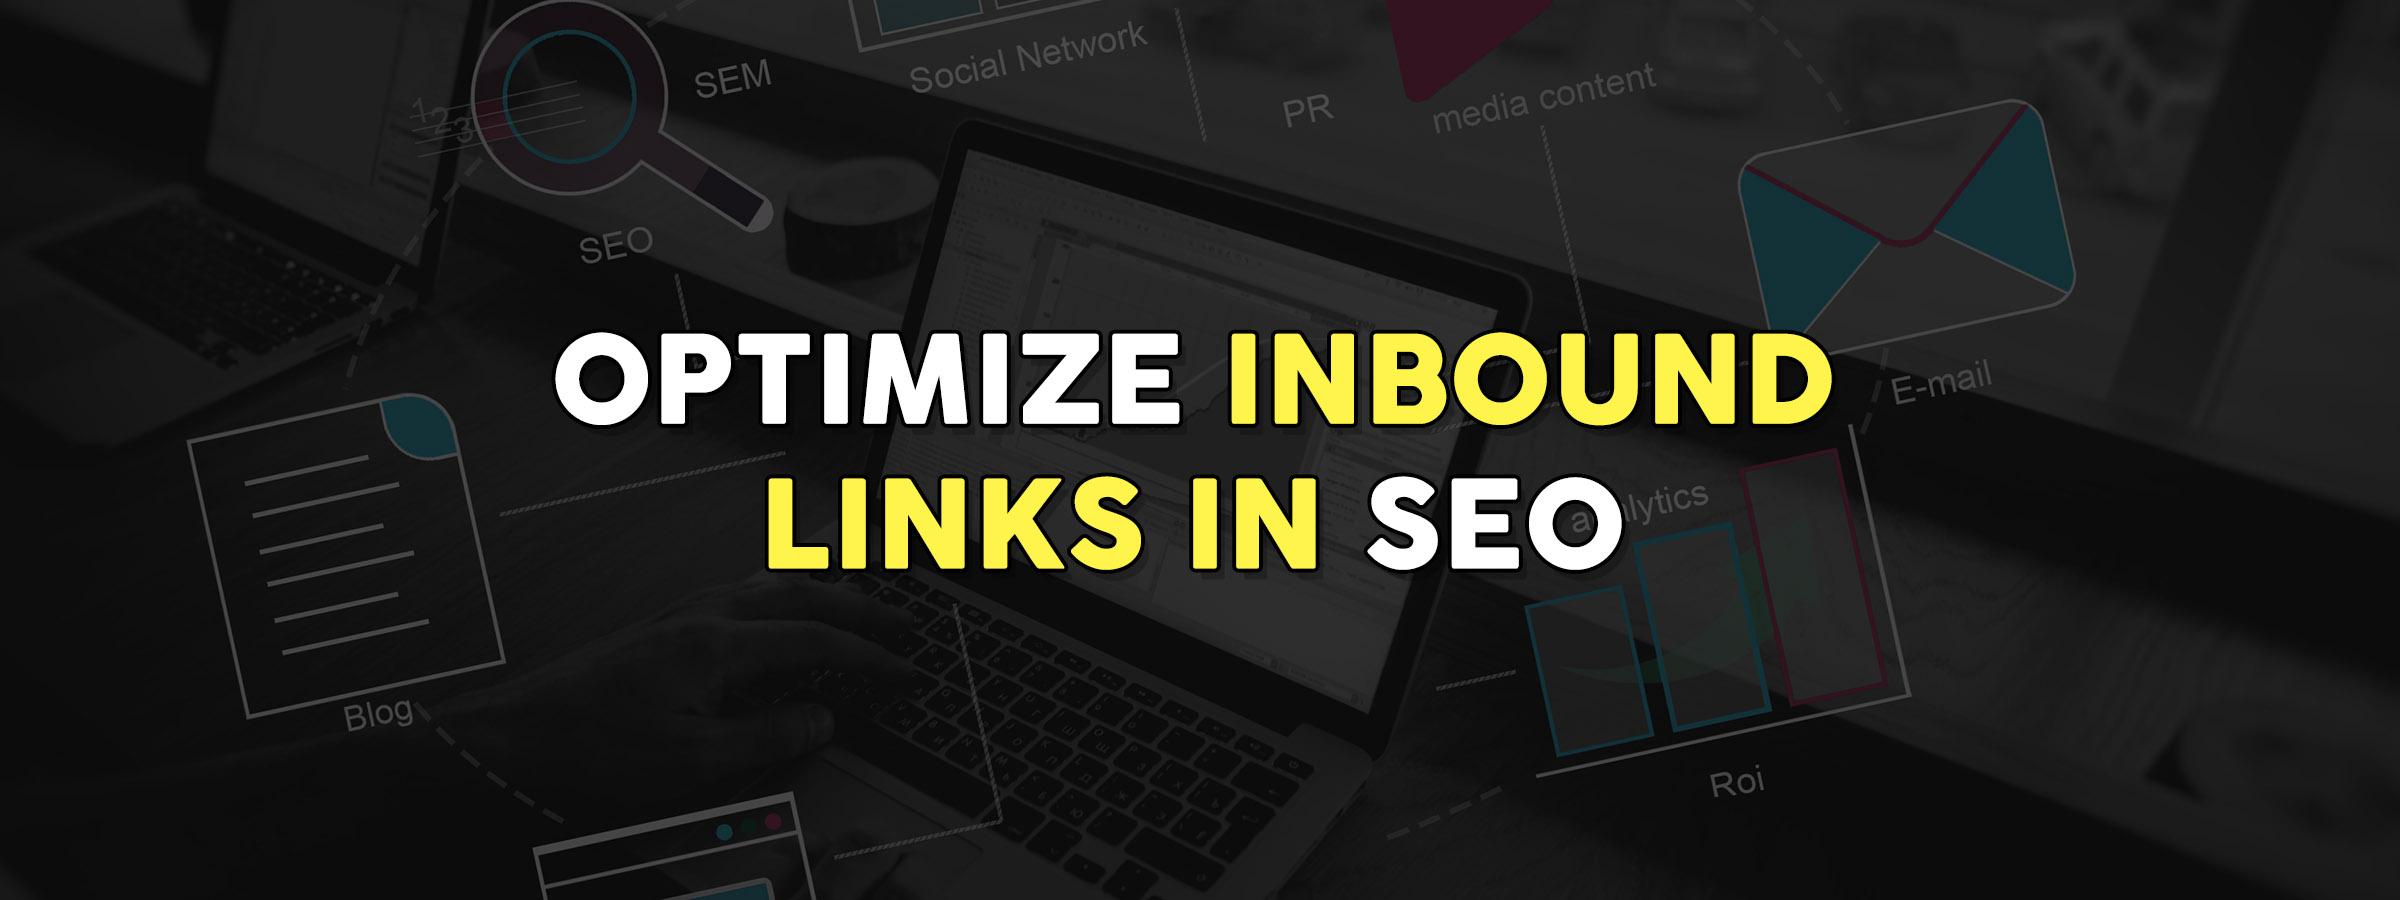 12 Methods to Optimize Inbound Links in SEO